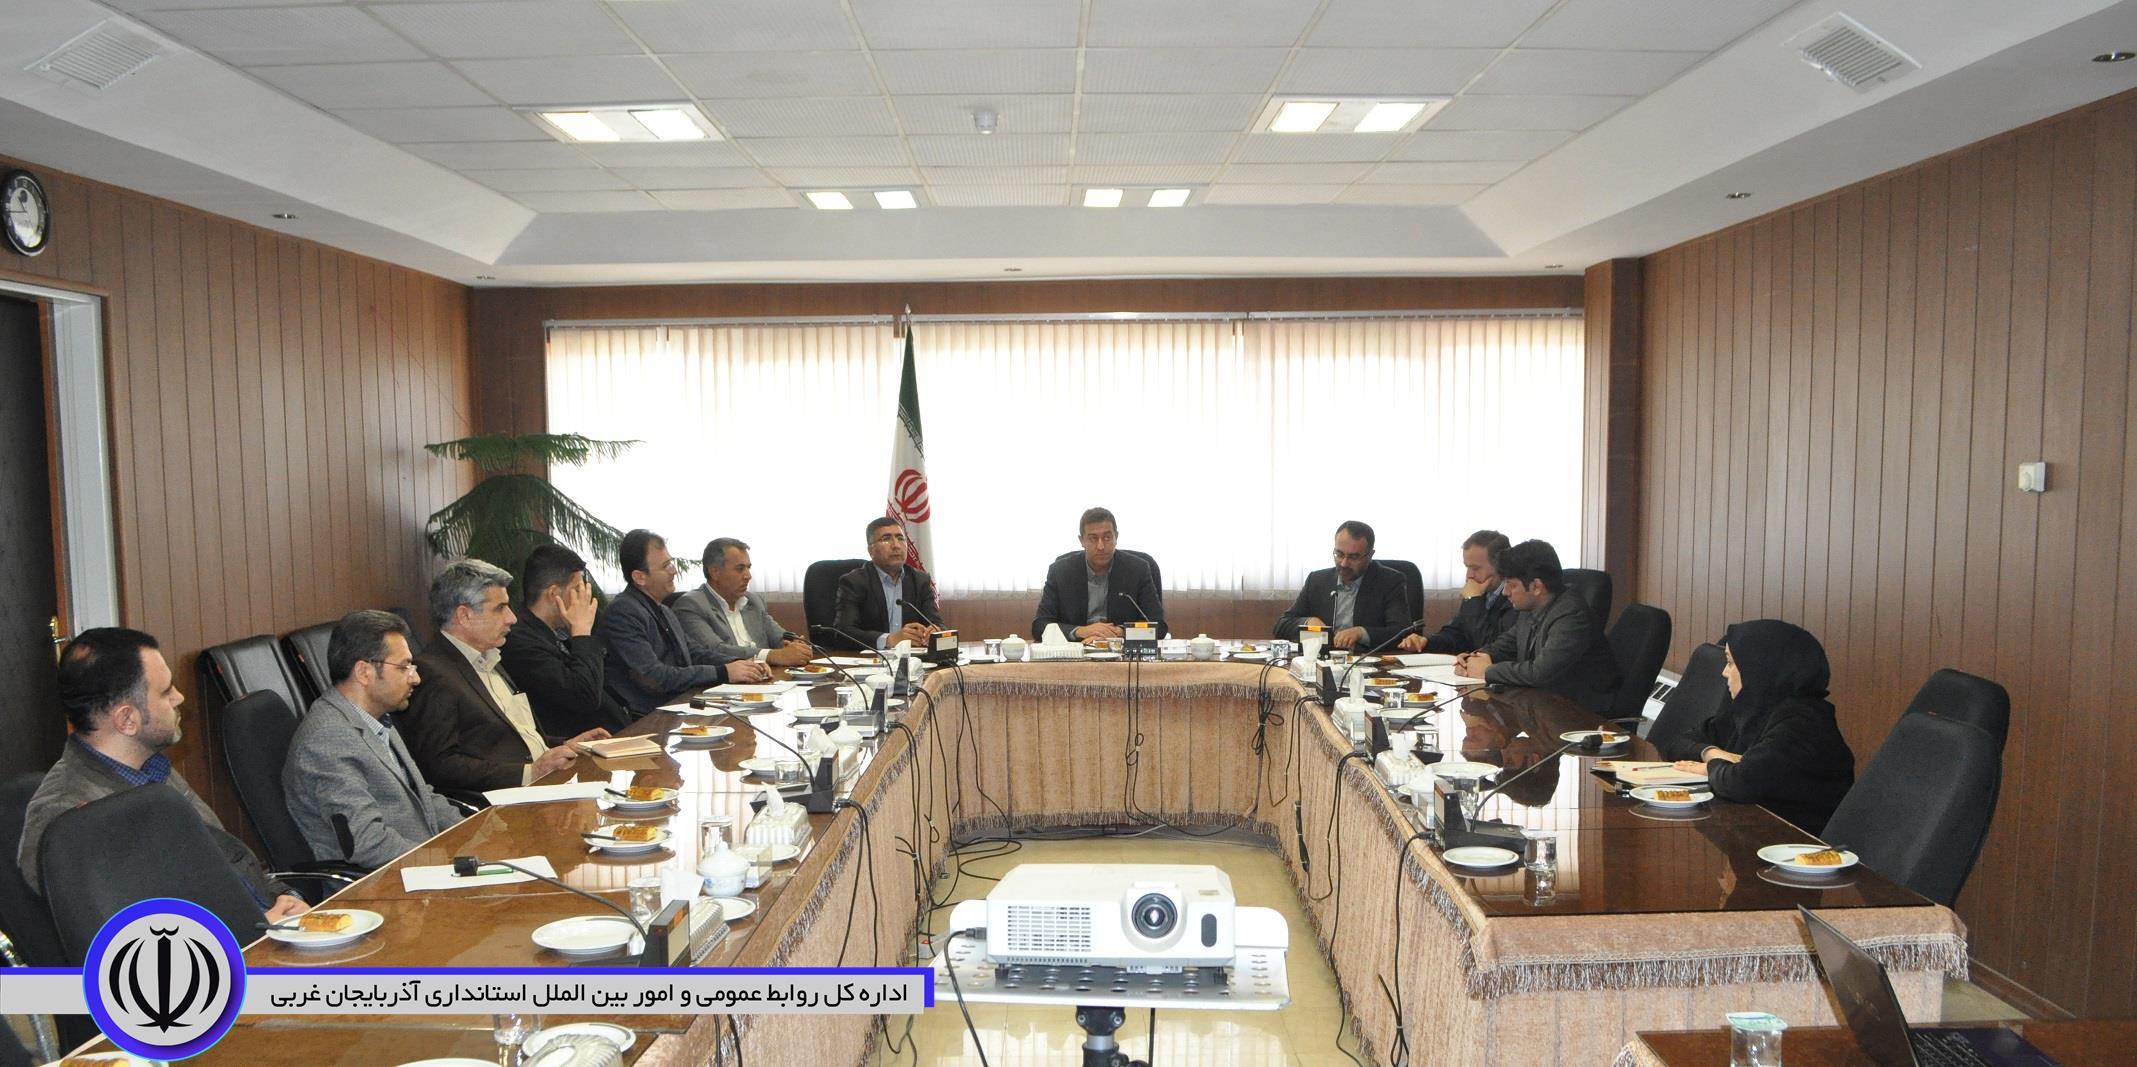 جلسه هماهنگی بررسی شاخص های ارزیابی دفاتر حوزه عمرانی استانداری